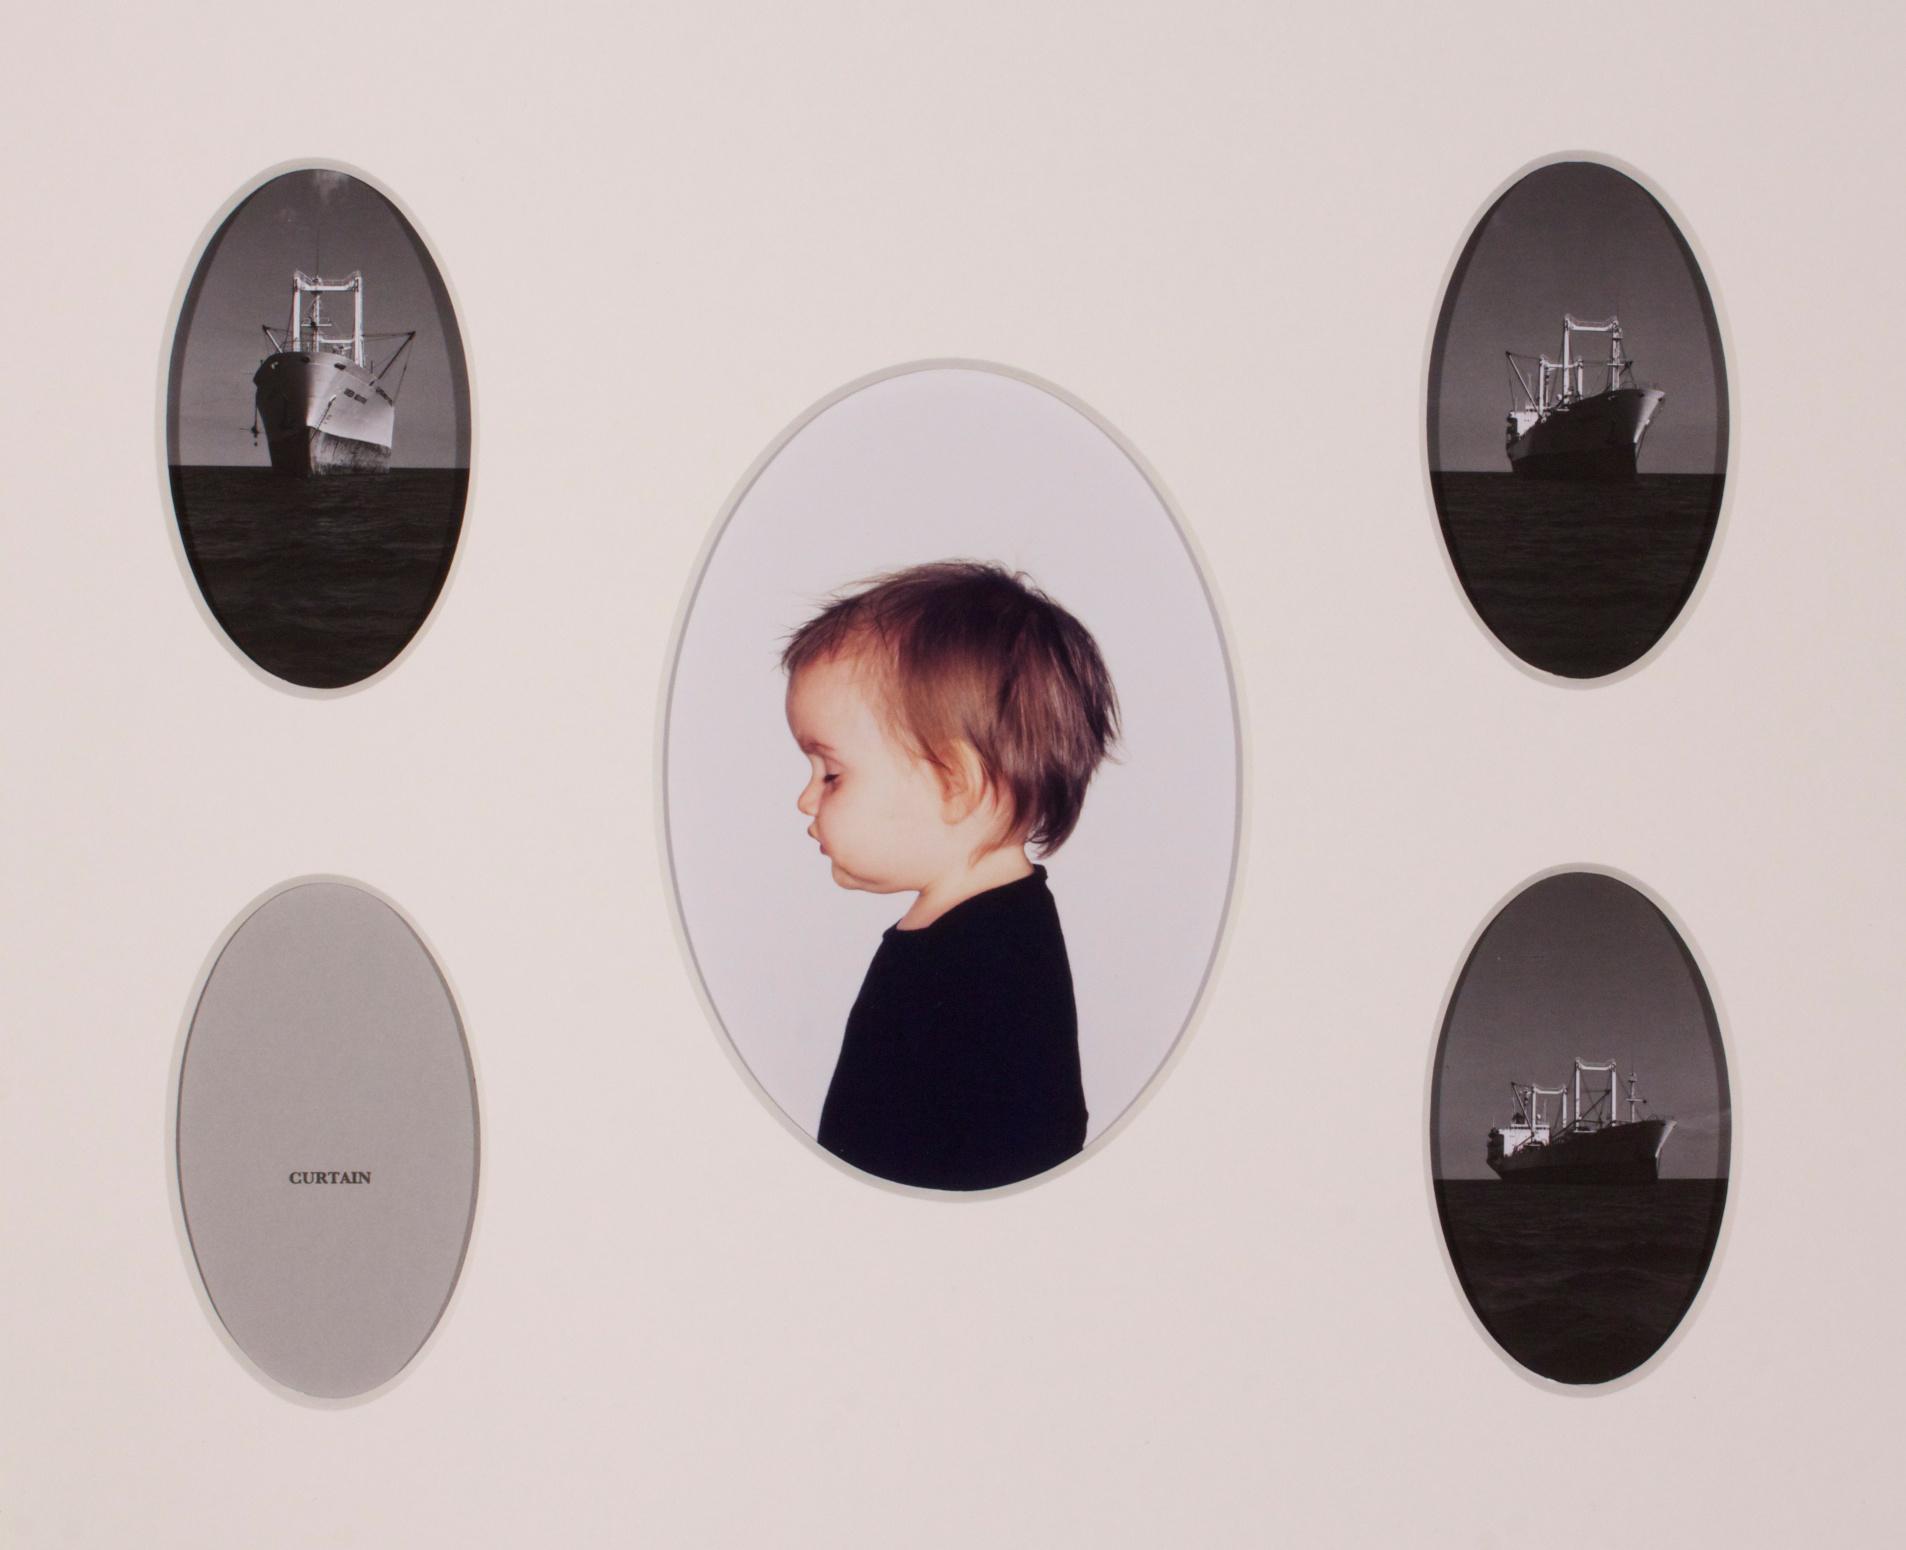 b8a66a58 Fotografiske blikk på arkivet | Oslo Fotokunstskoles blogg